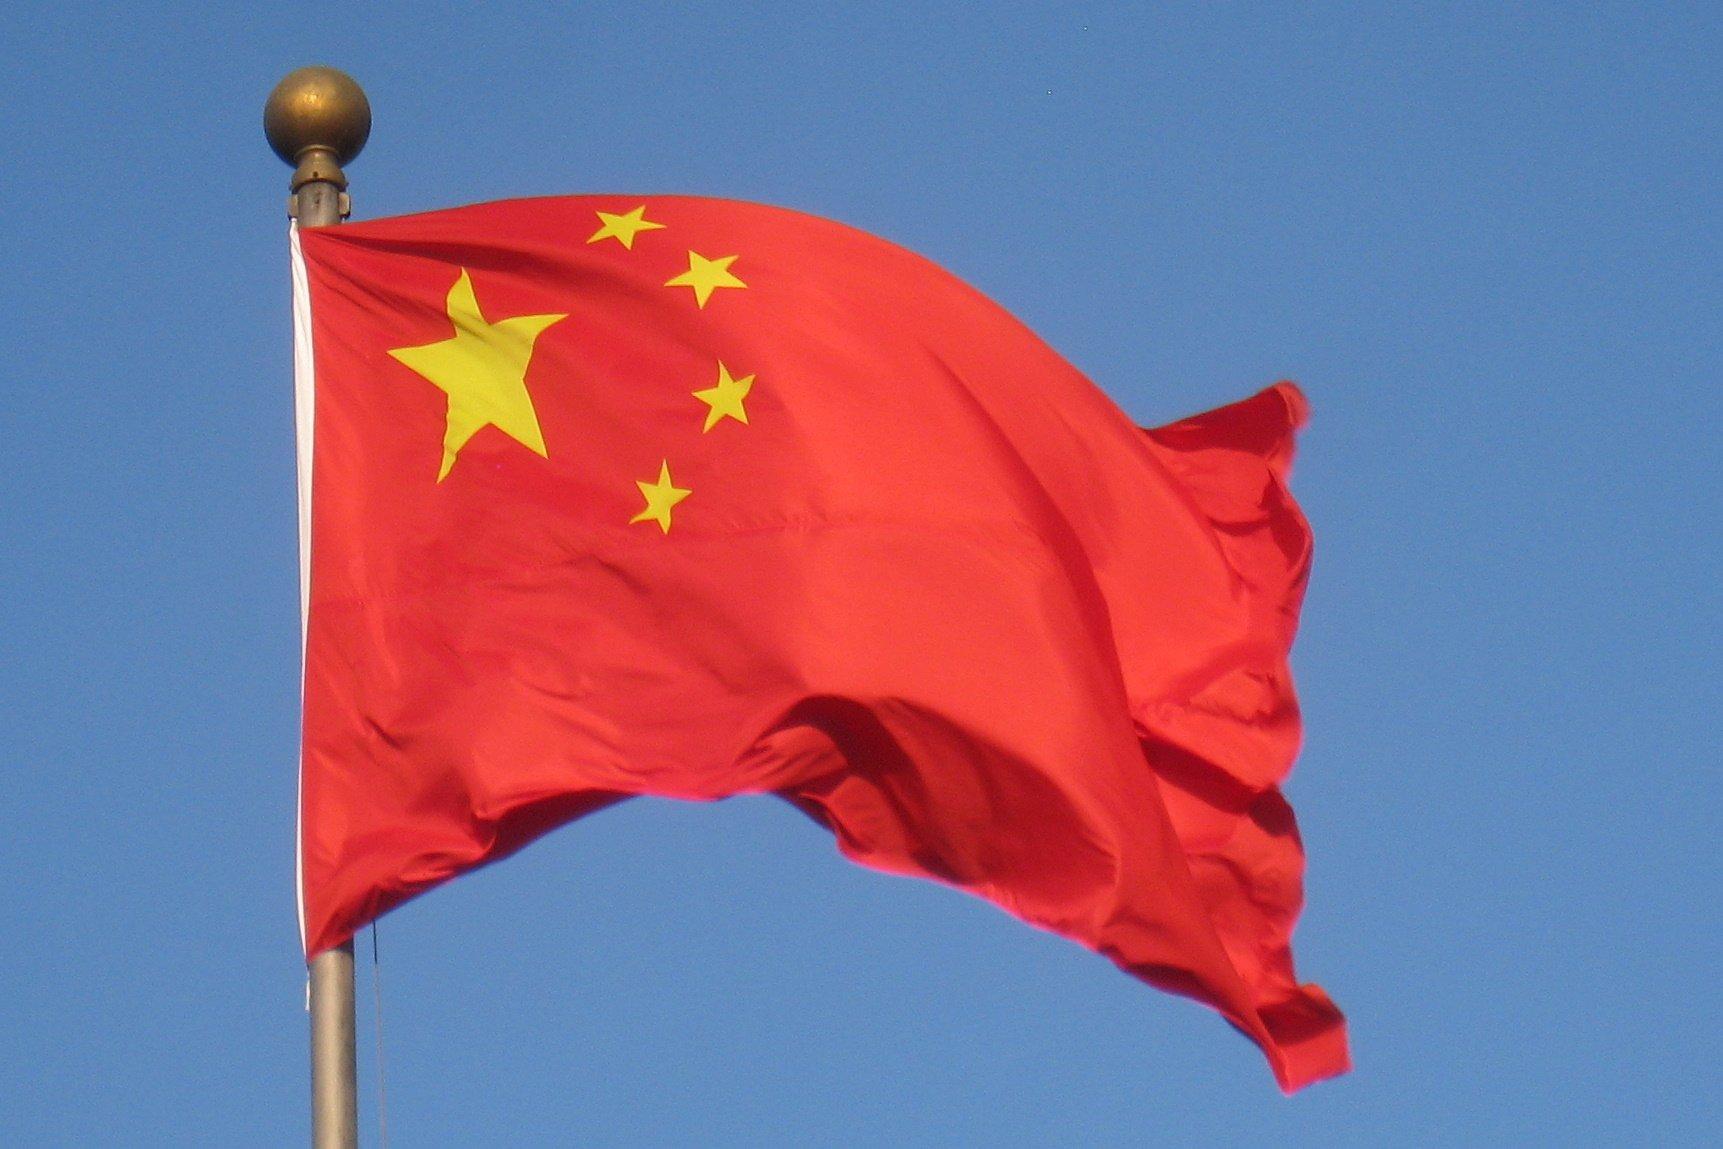 وزارة التجارة الصينية: التعاون بين الصين وأمريكا هو الخيار الصحيح